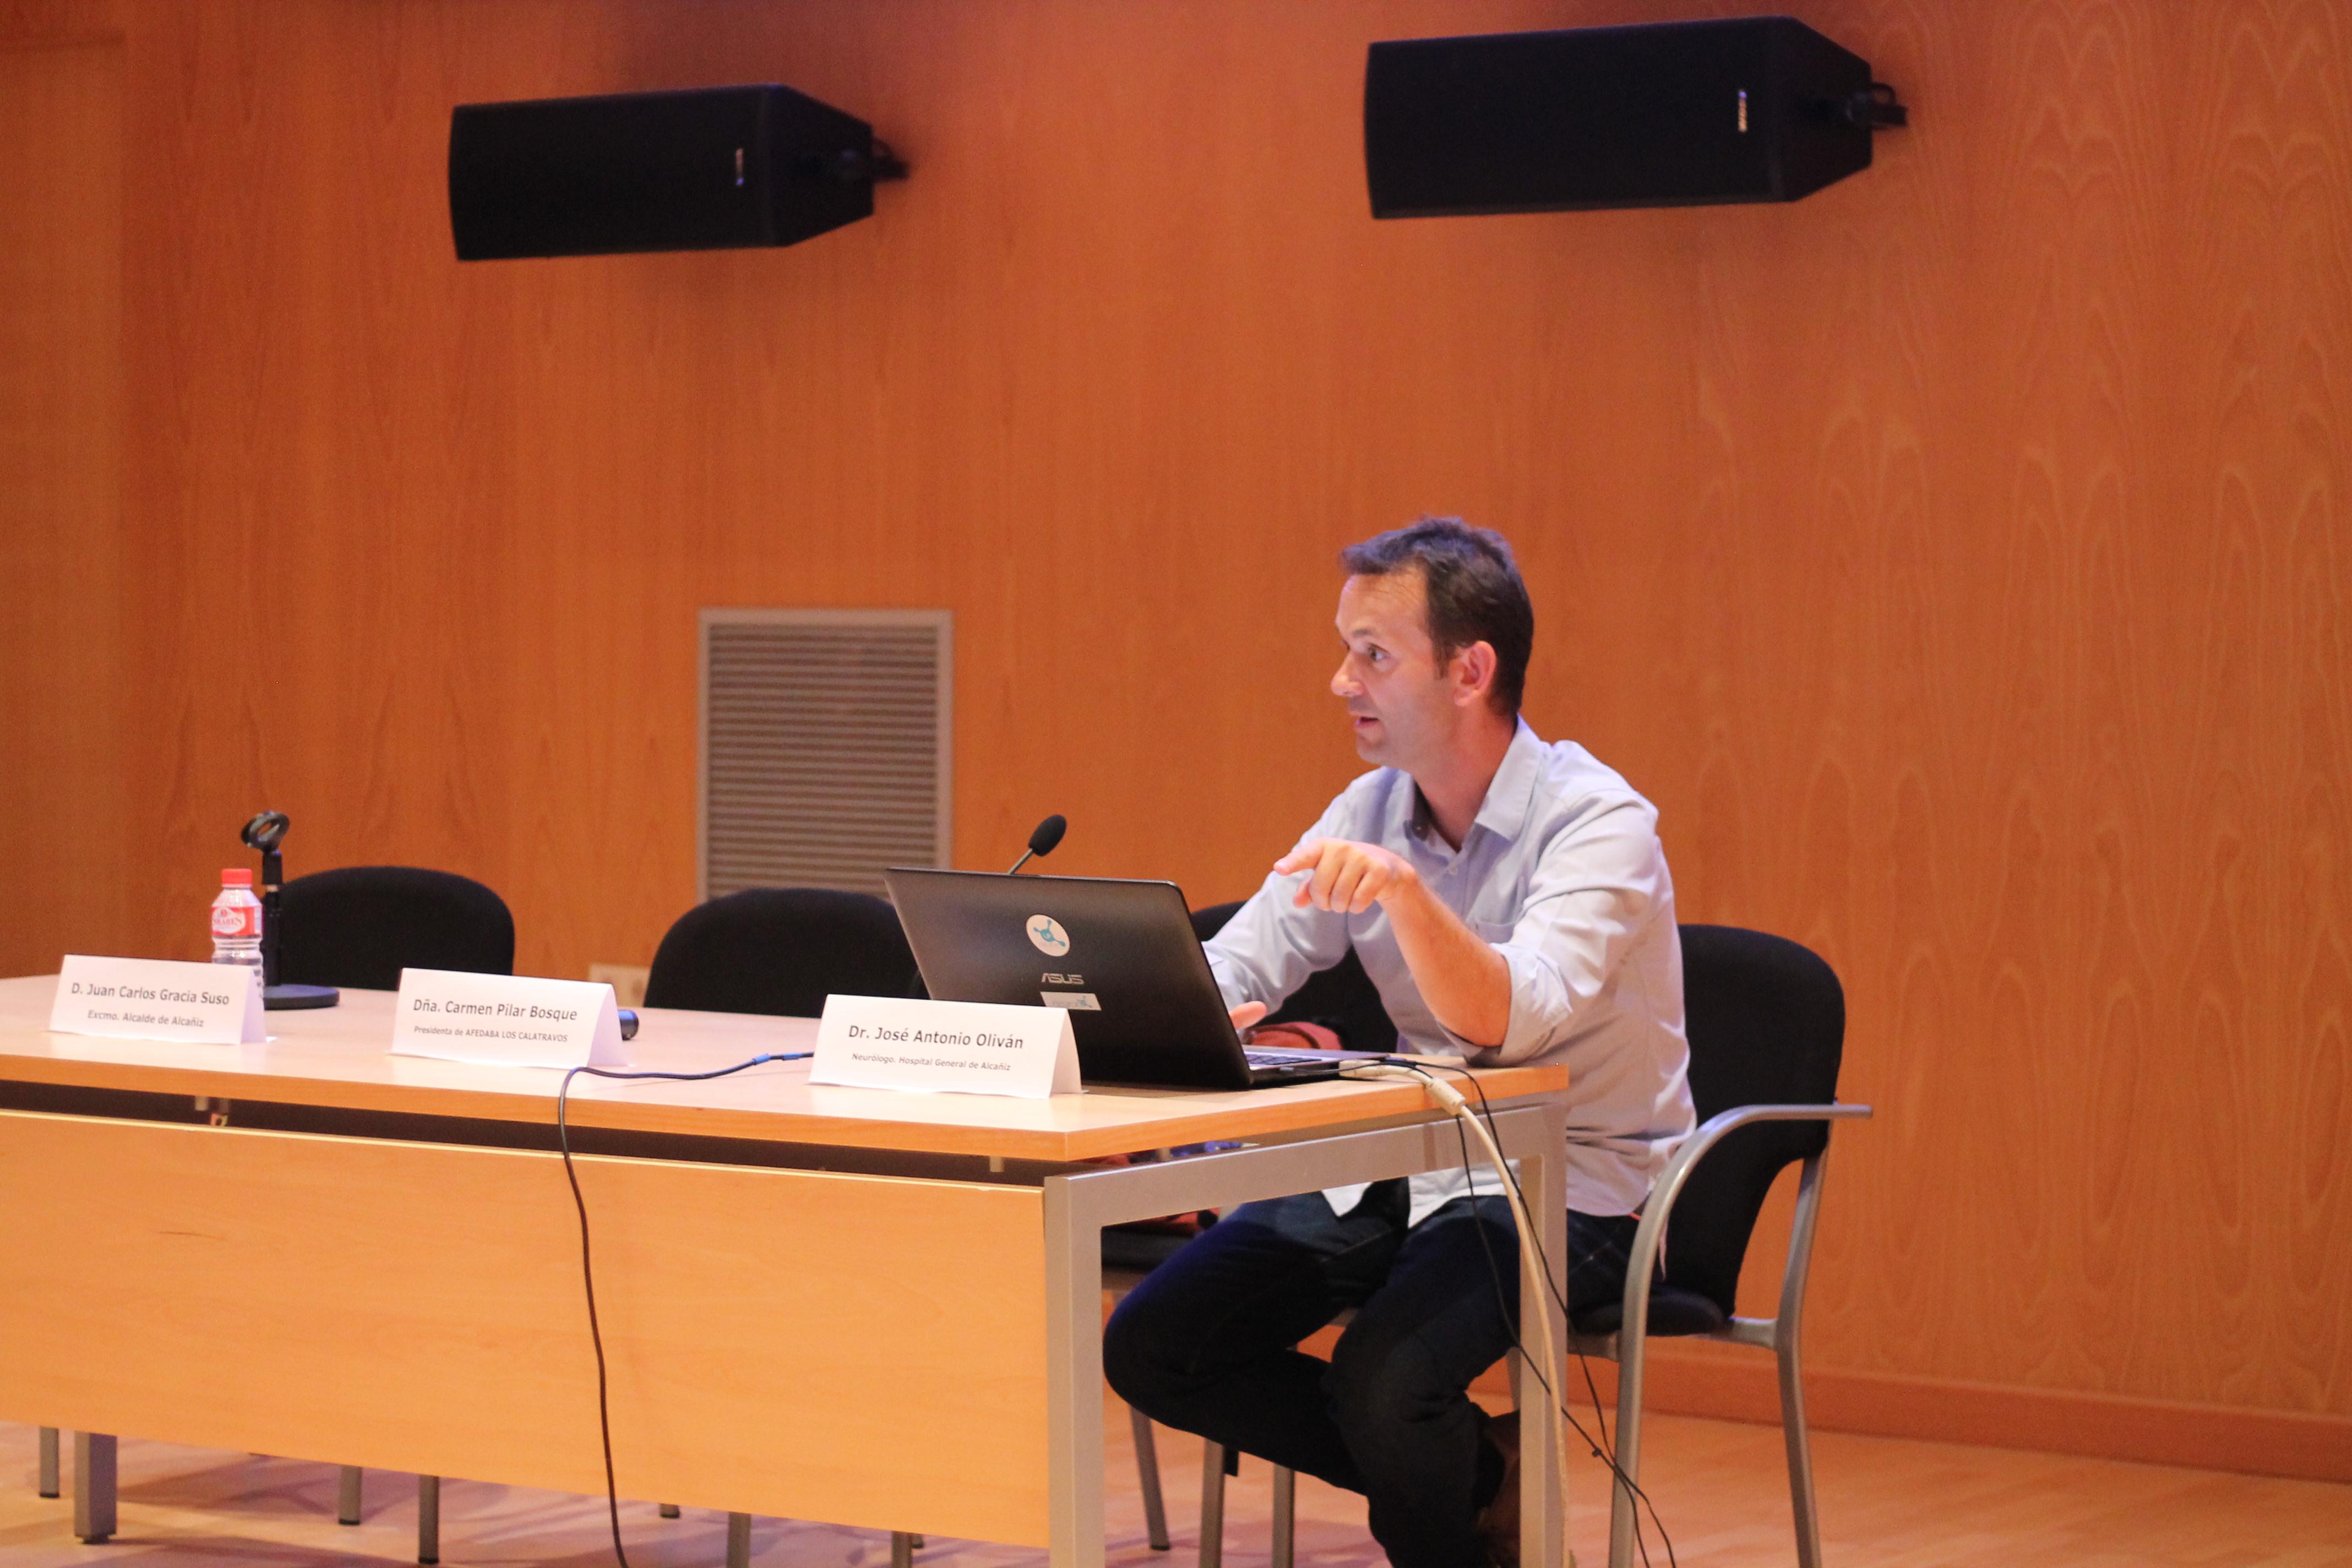 Iñigo Fernández, psicólogo y creador de la herramiento web Neuronap.